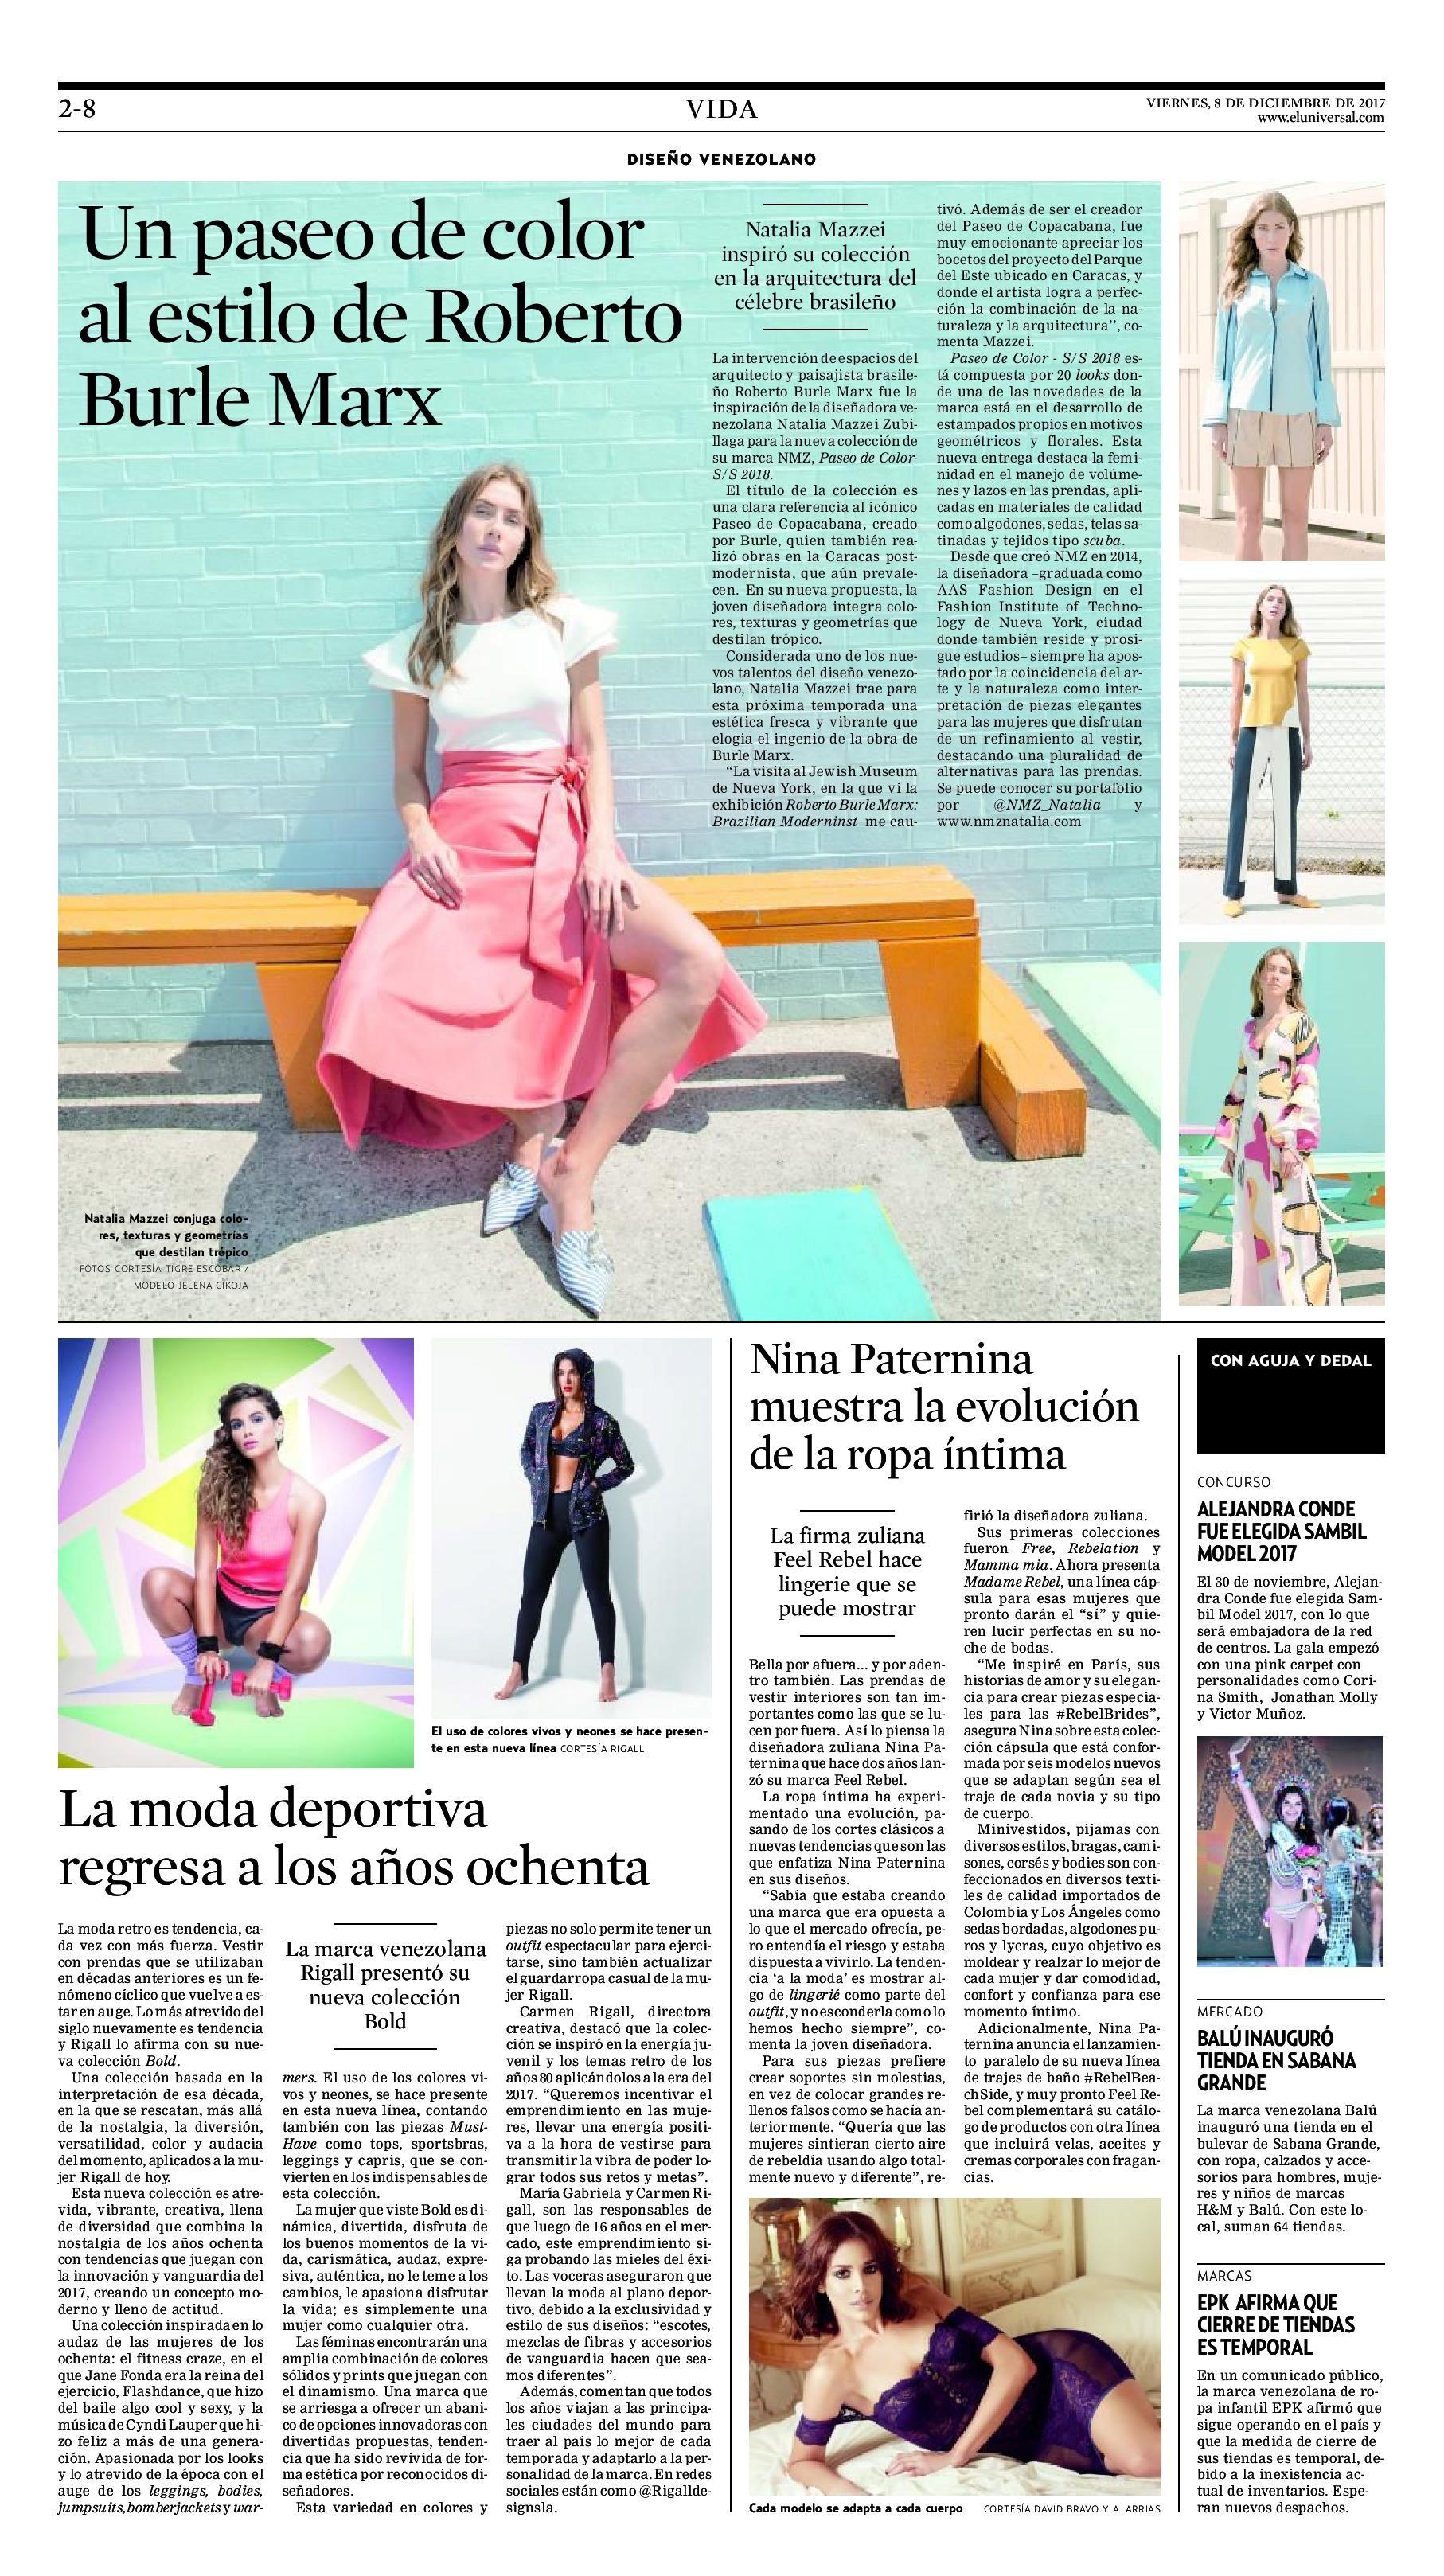 Diario EL UNIVERSAL - Diciembre 2017